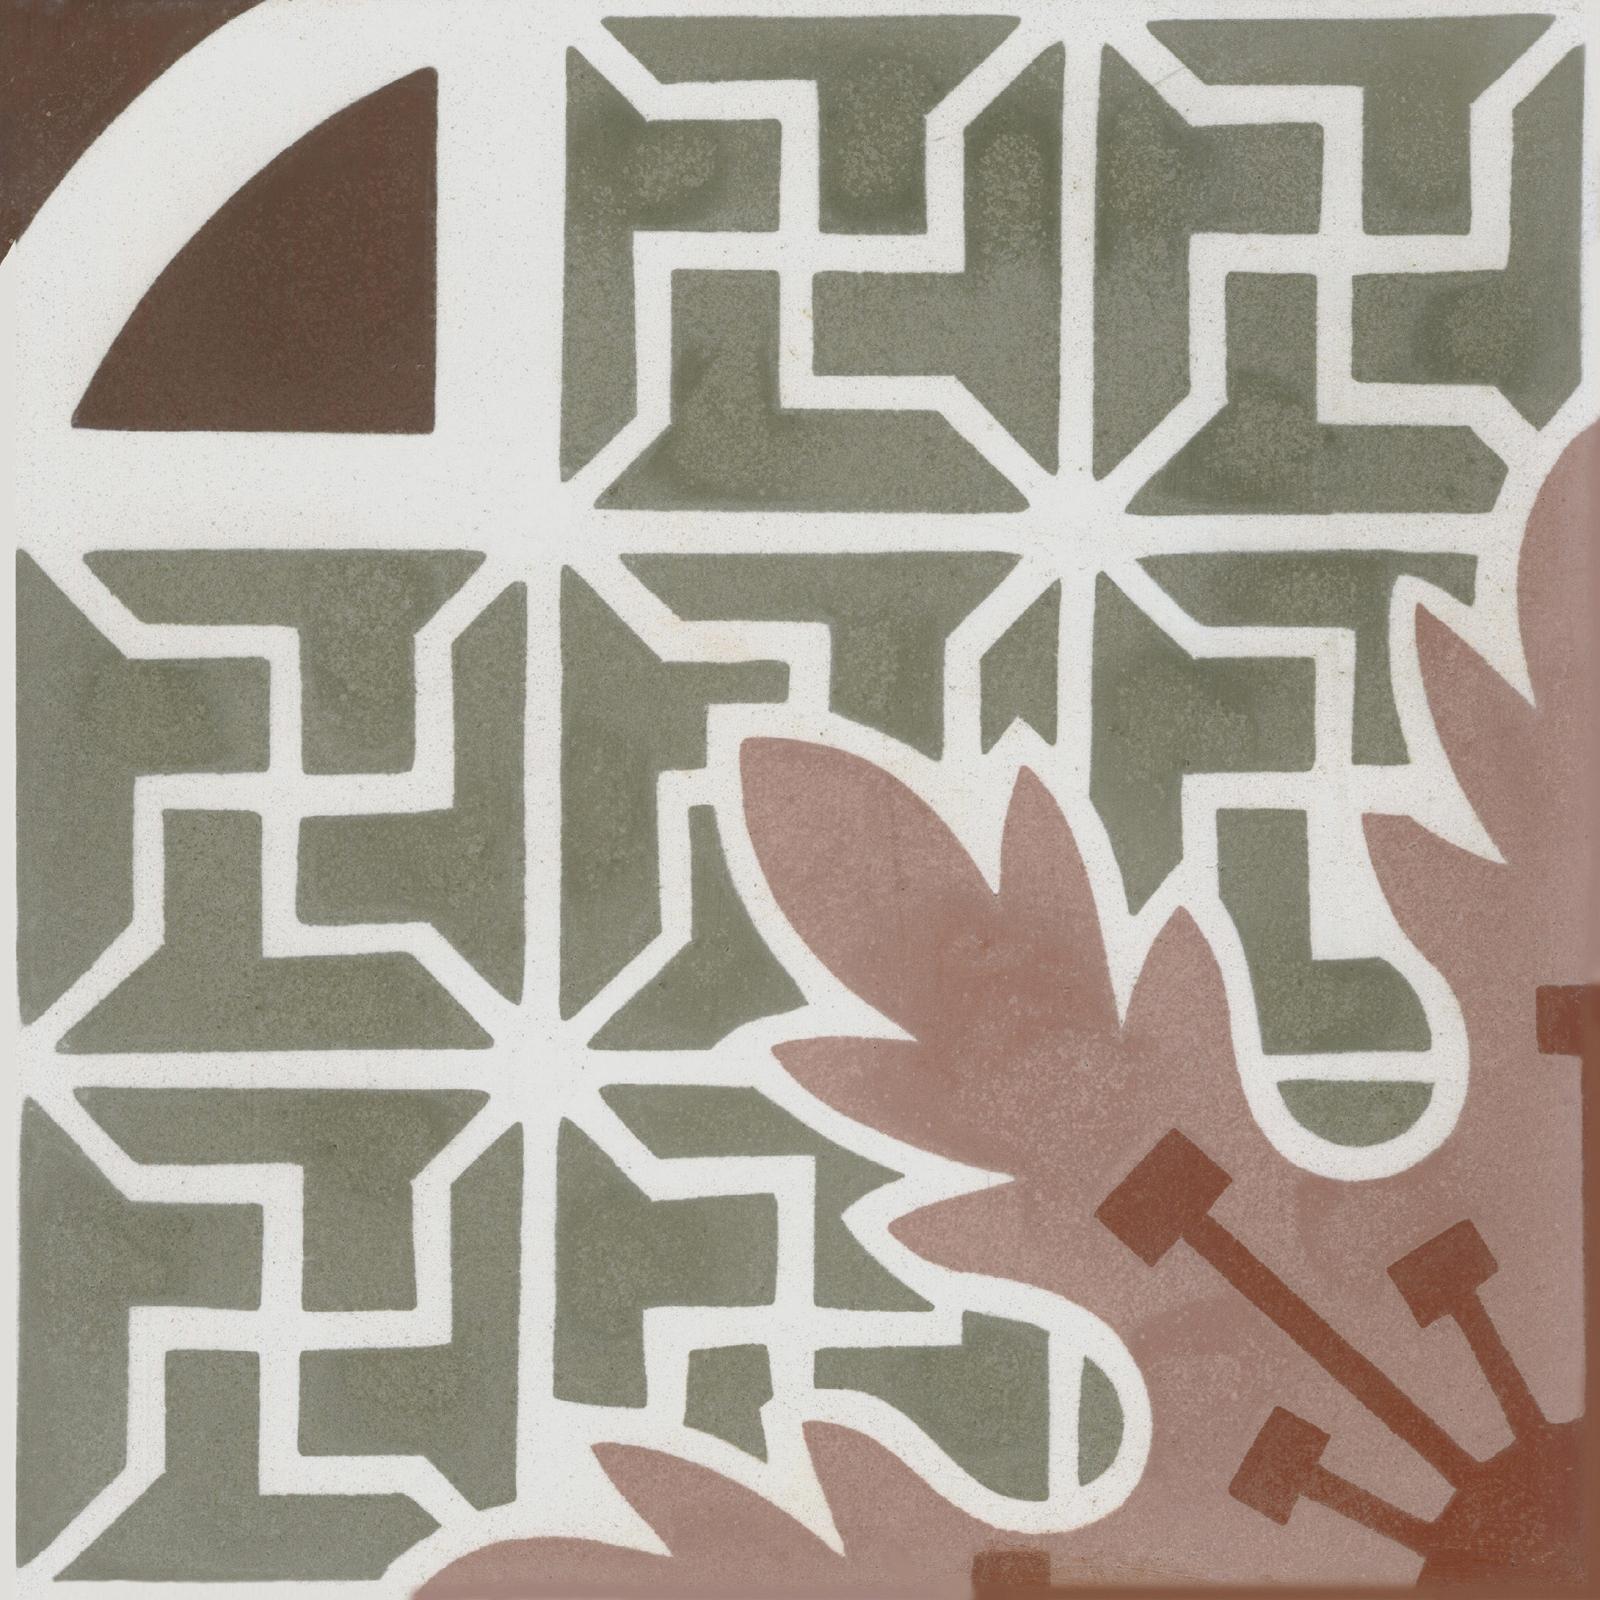 zementmosaikplatten-nr.51072-viaplatten | 51072